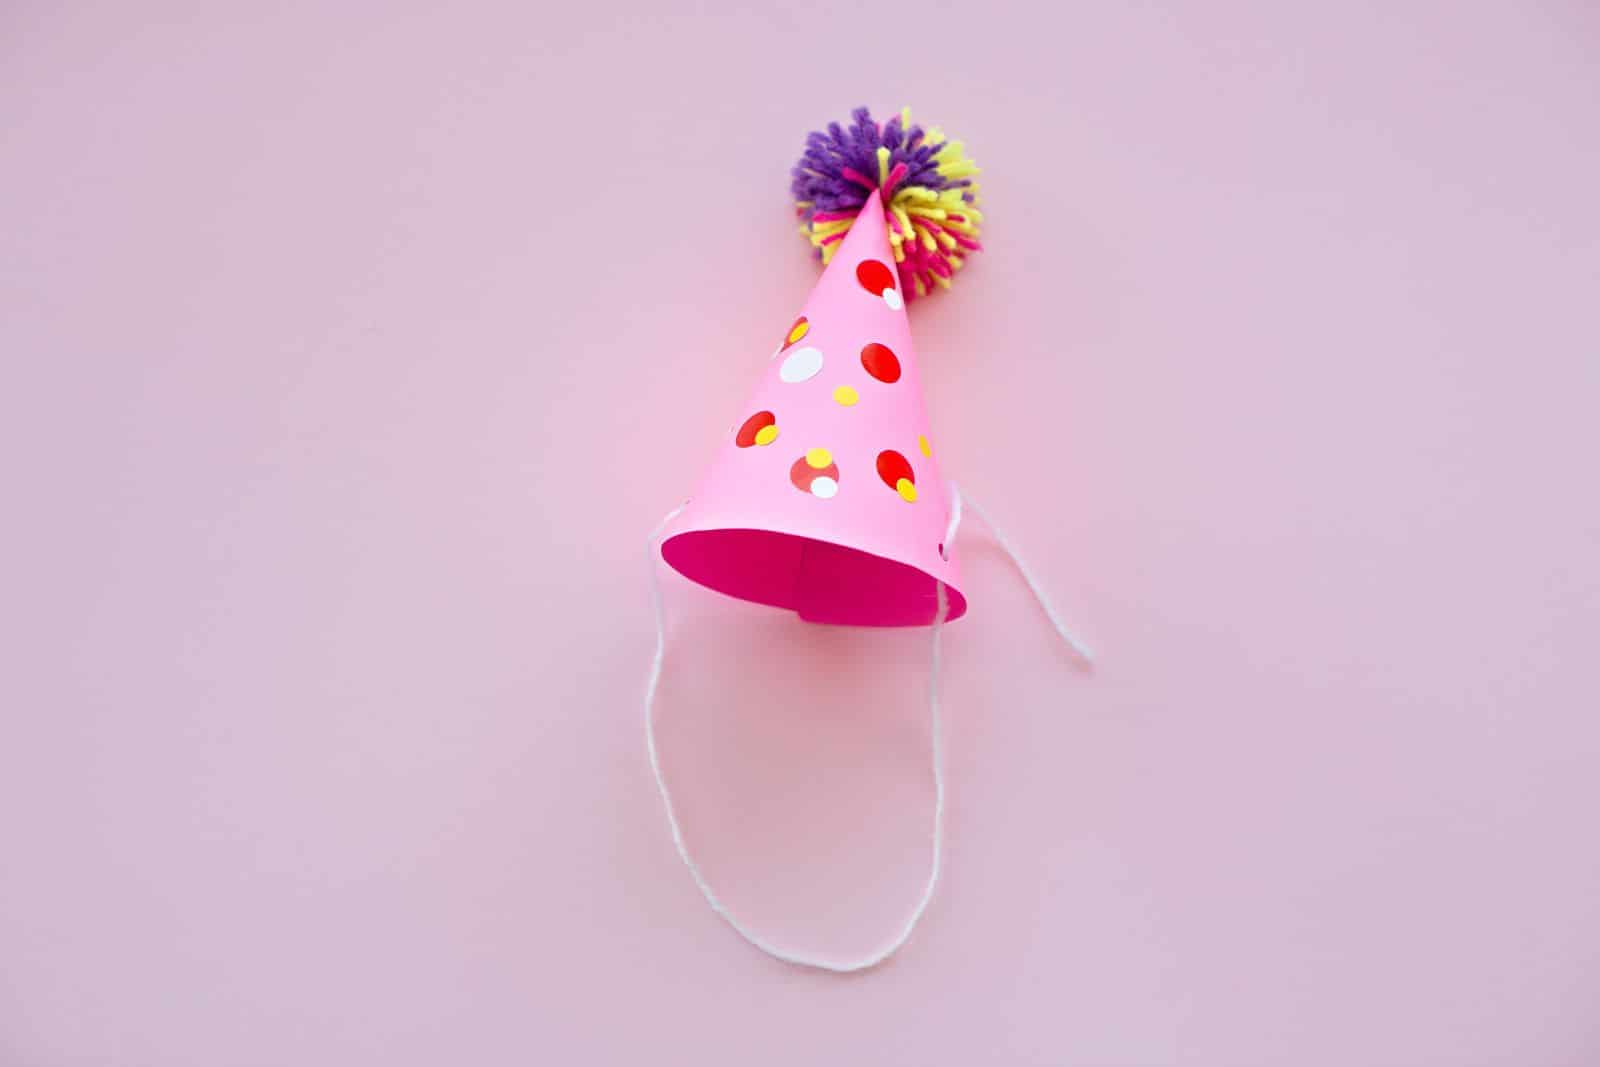 hello, WonderfulDIY YARN POM POM PARTY HATS